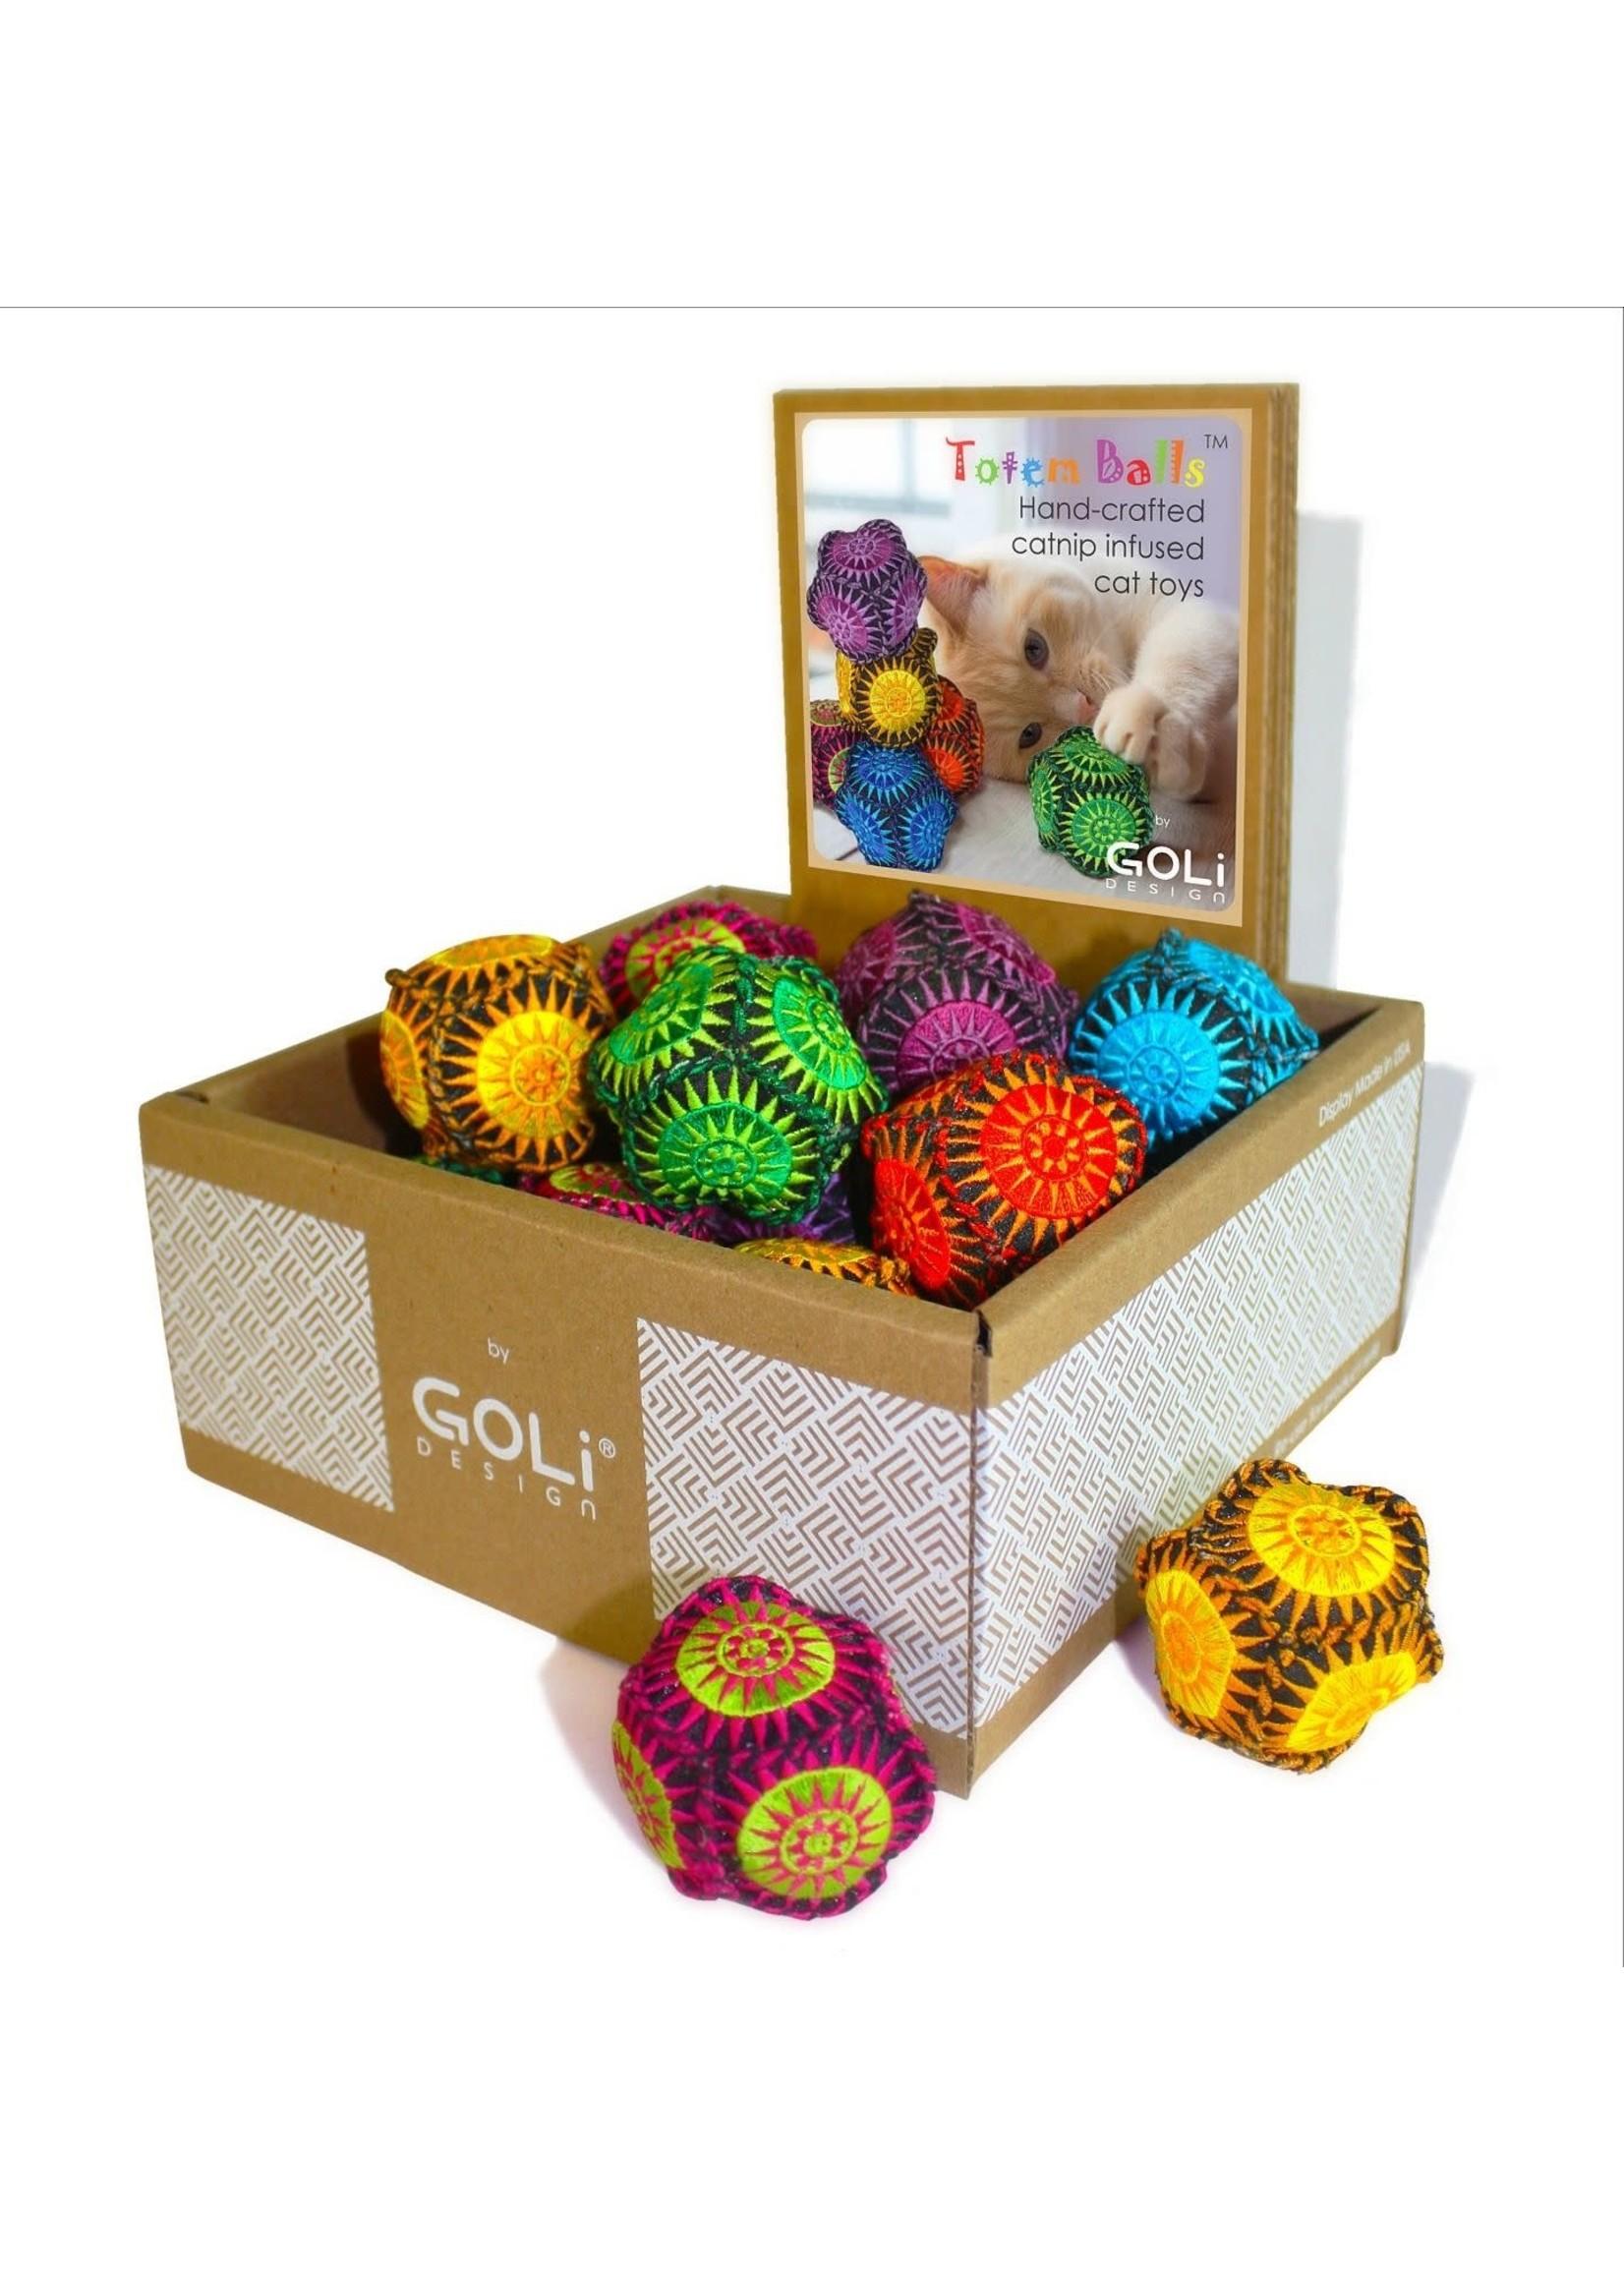 Goli Design Goli Totem Balls